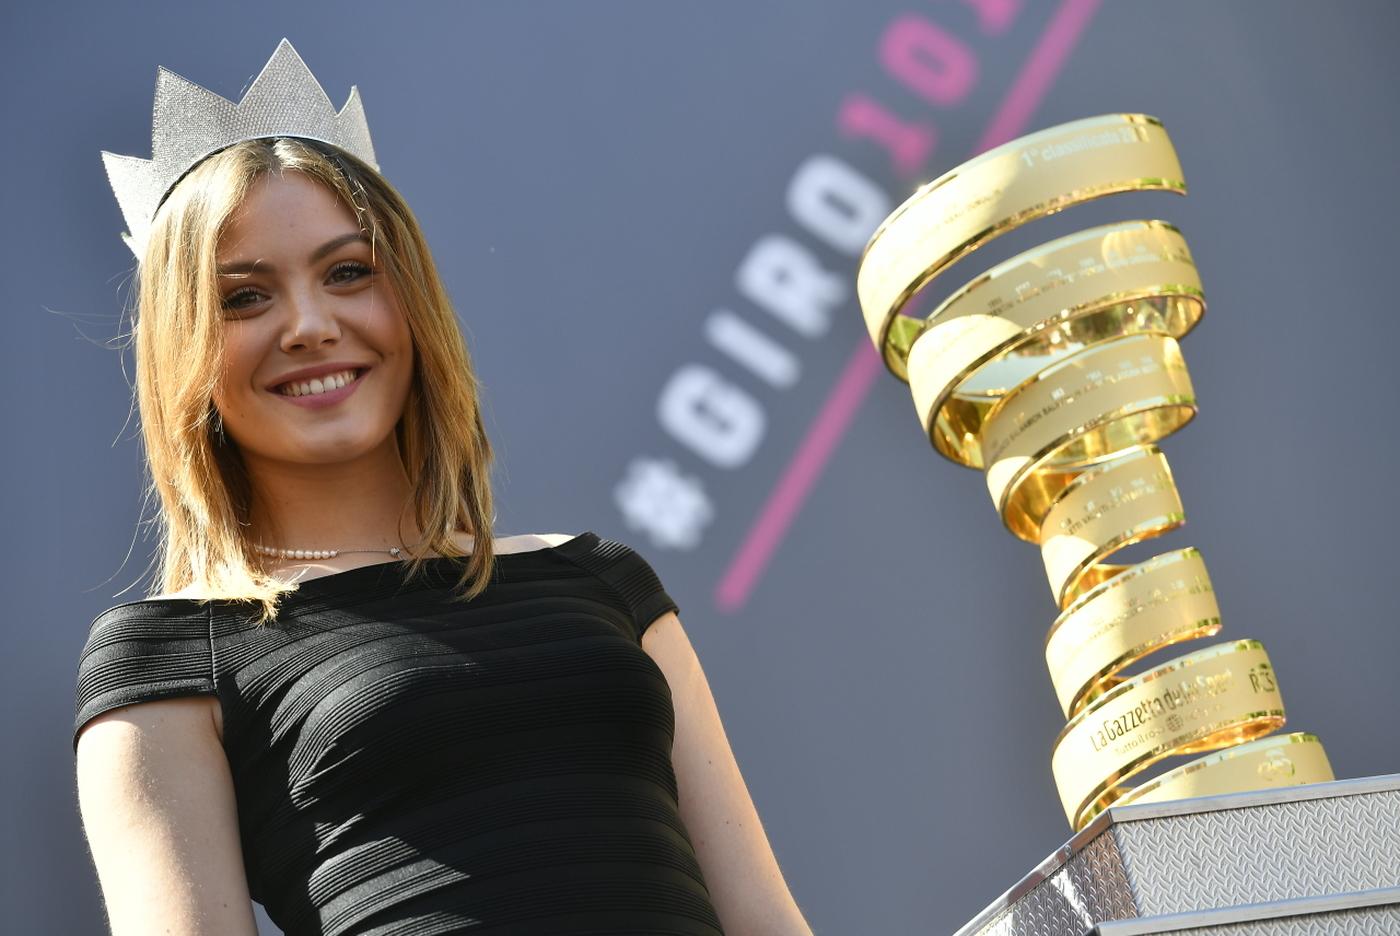 Giro d'Italia 2018 favoriti tappa 5: altra giornata nervosa per attaccanti?